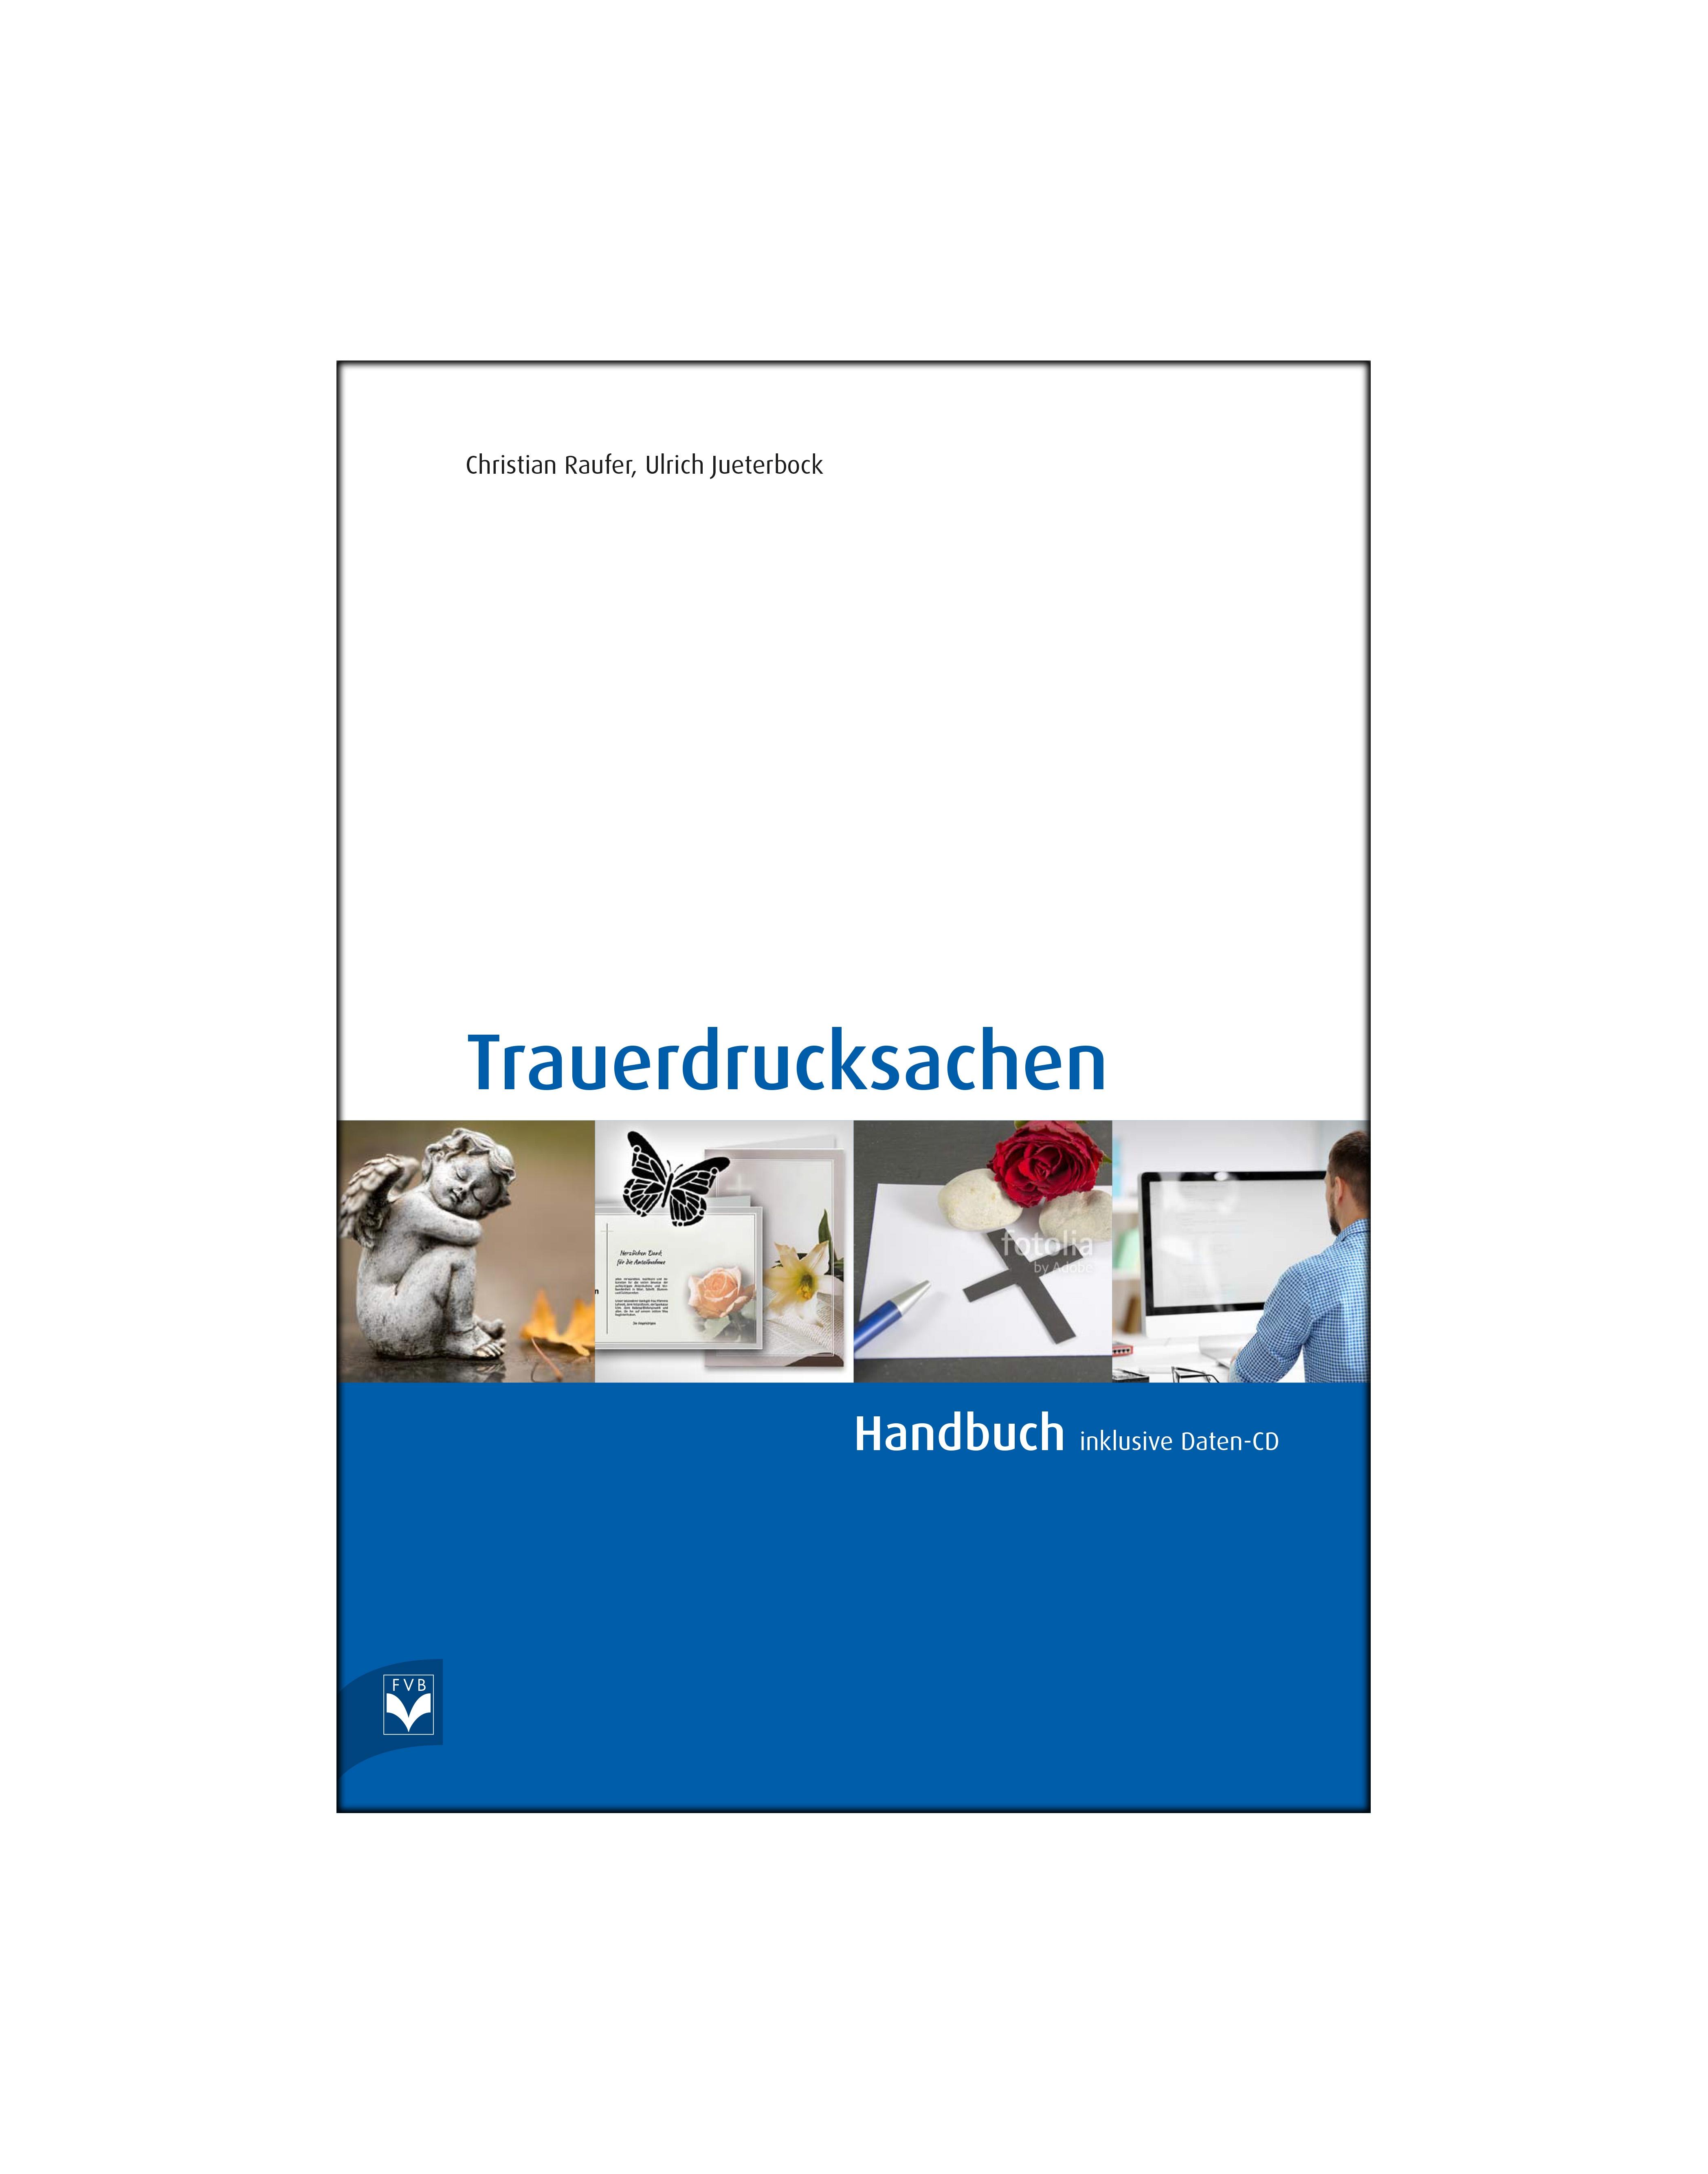 Trauerdrucksachen – Handbuch inkl. Daten-CD